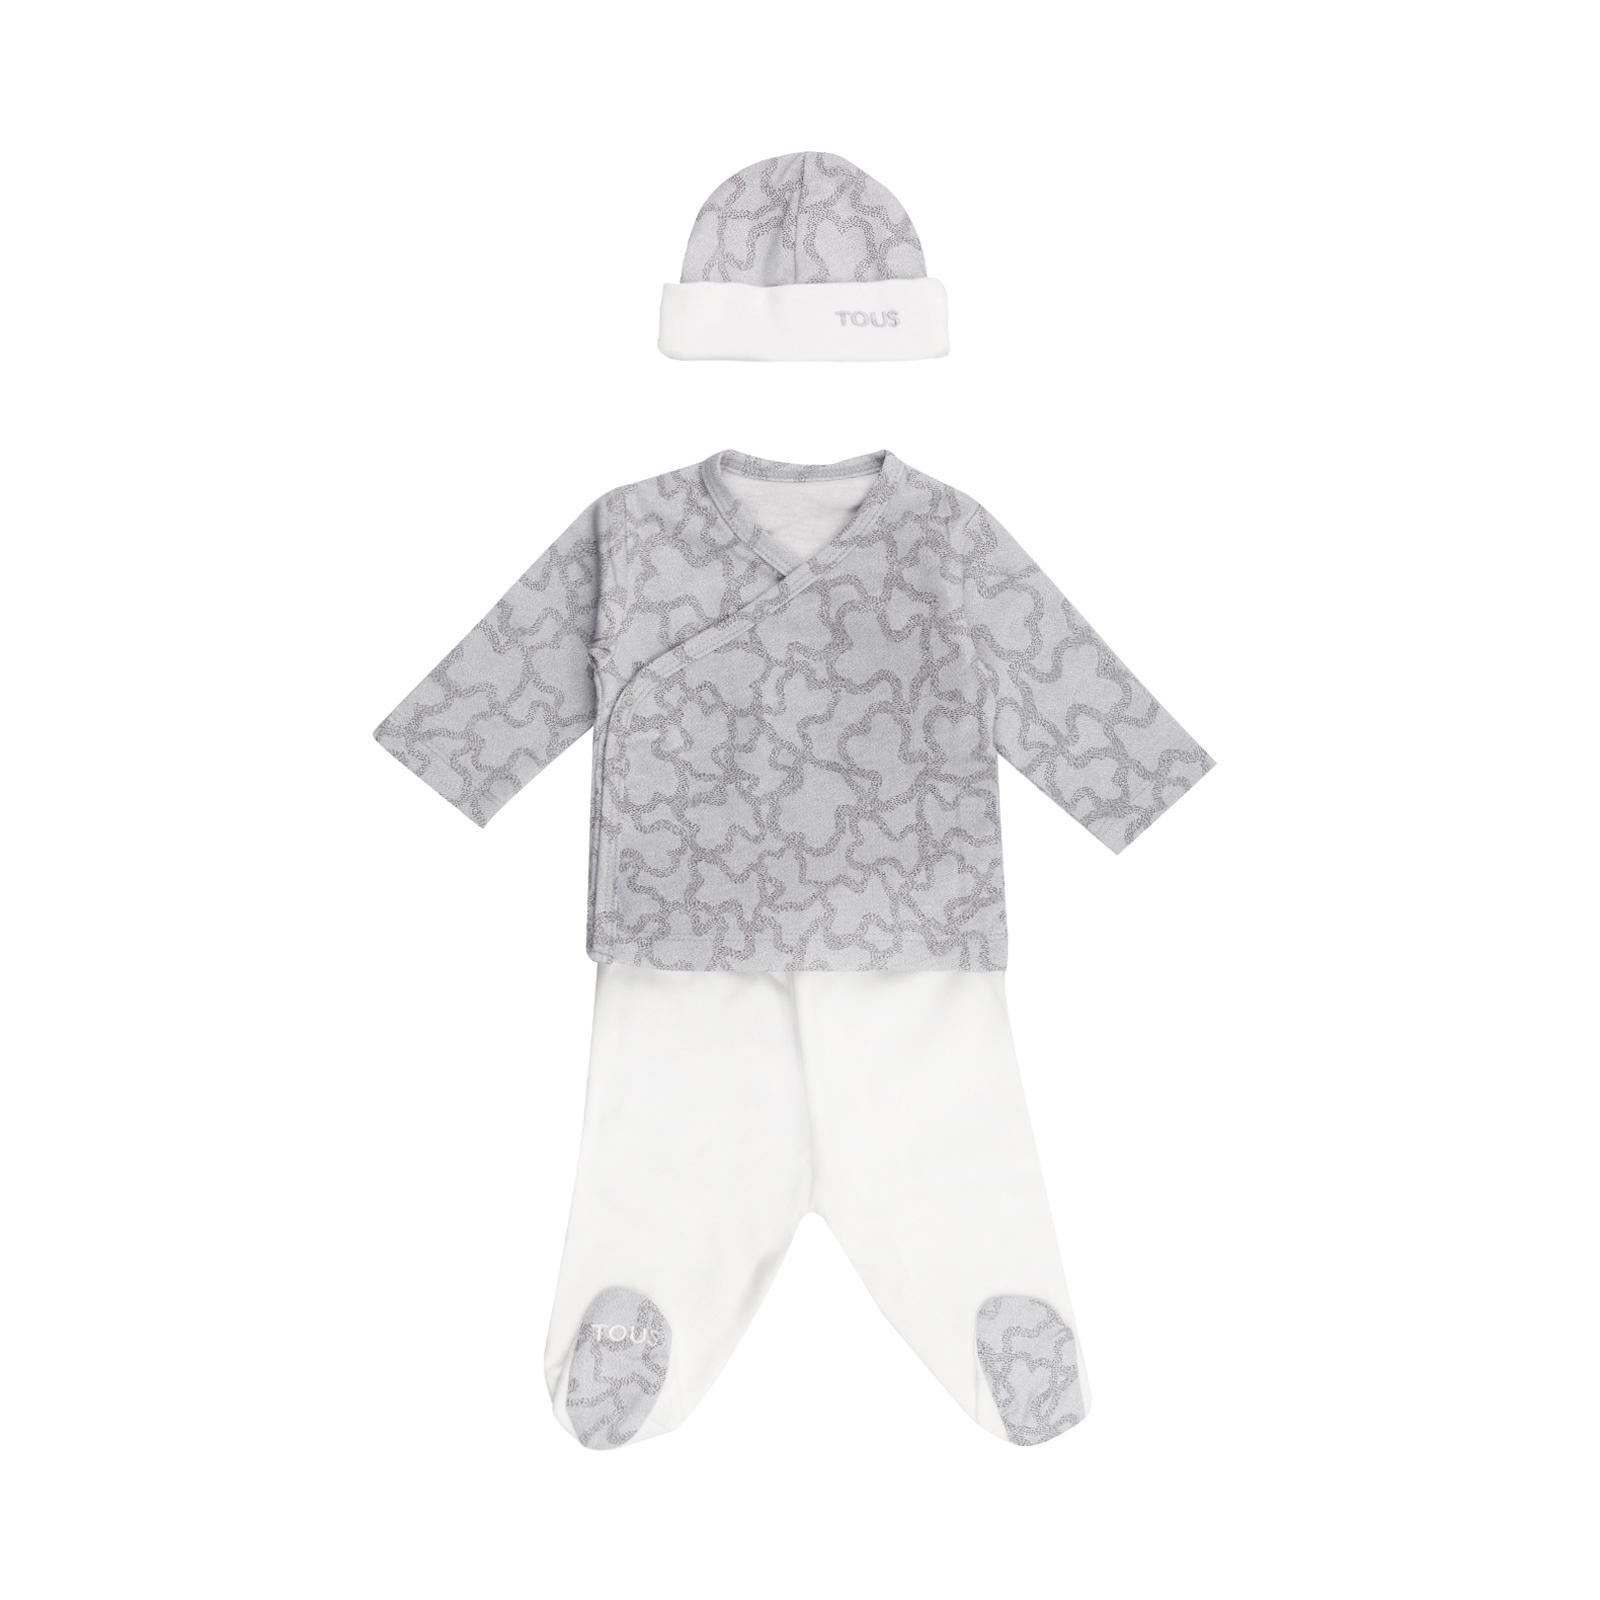 Conjunto recién nacido 3 piezas Baby Tous mod. Hkaos color gris.